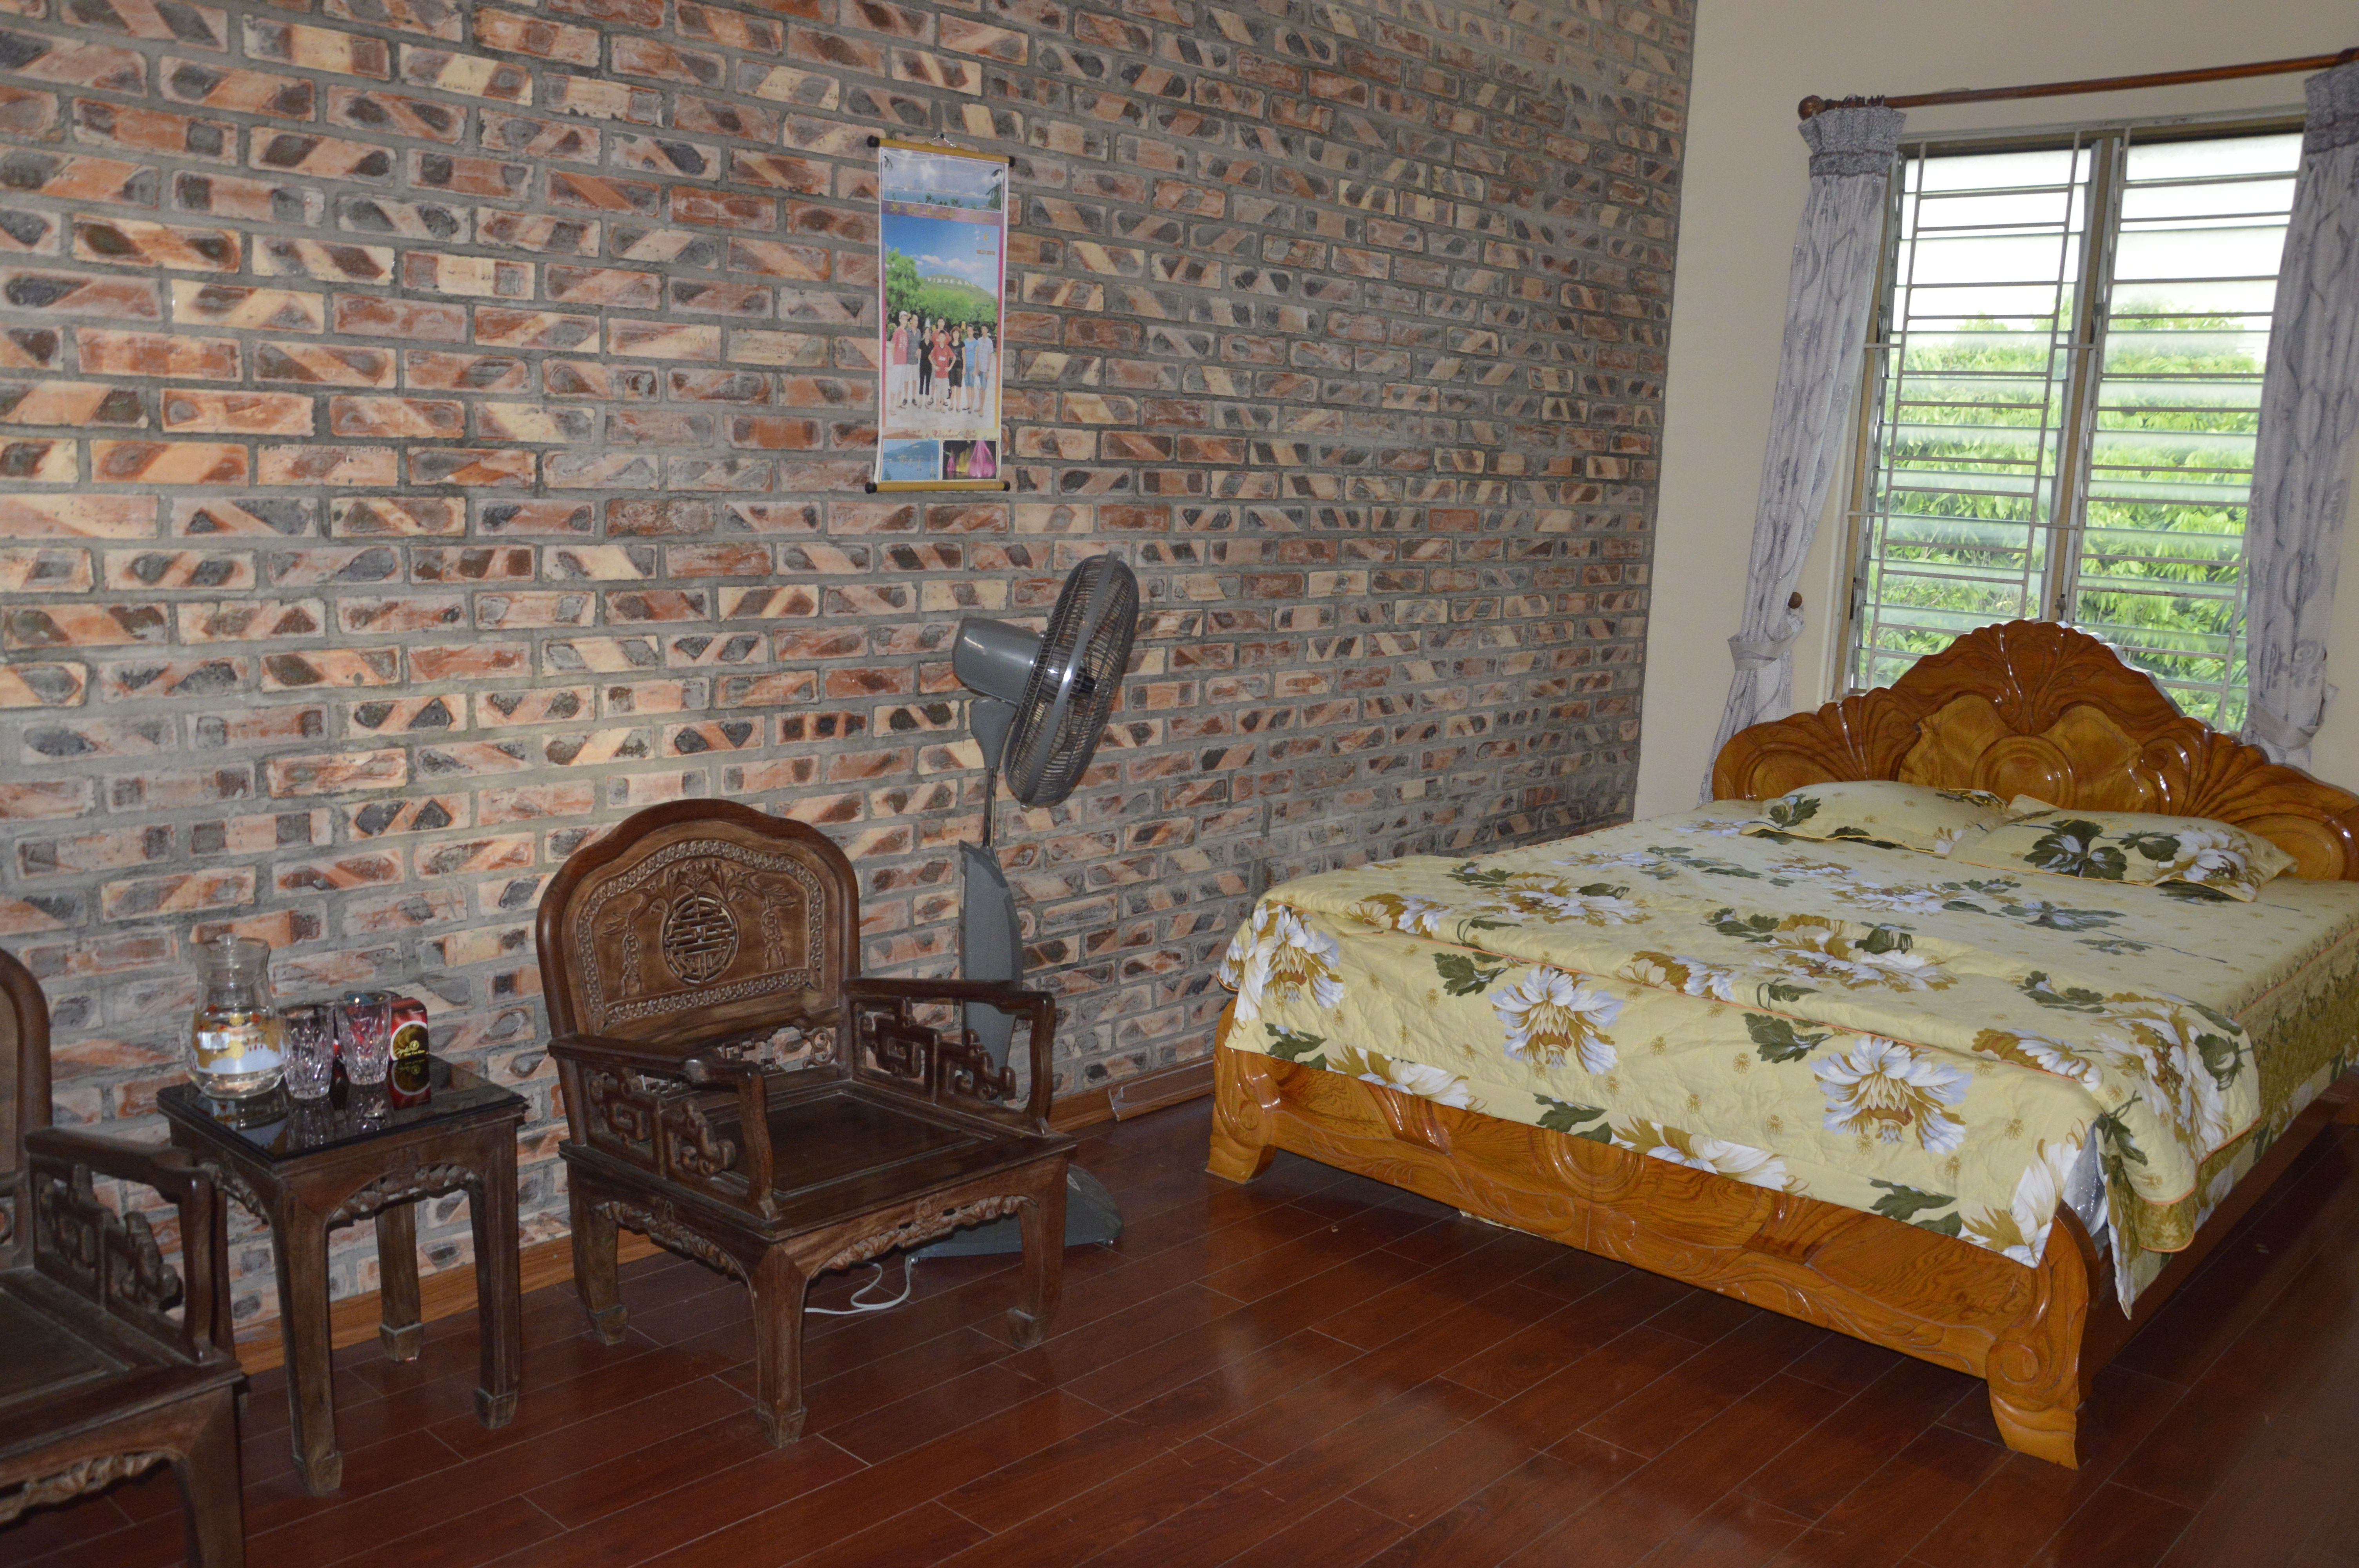 Chambre privée confortbable chez l'habitant à Chua Thay. Http://aventure-vietnam.com